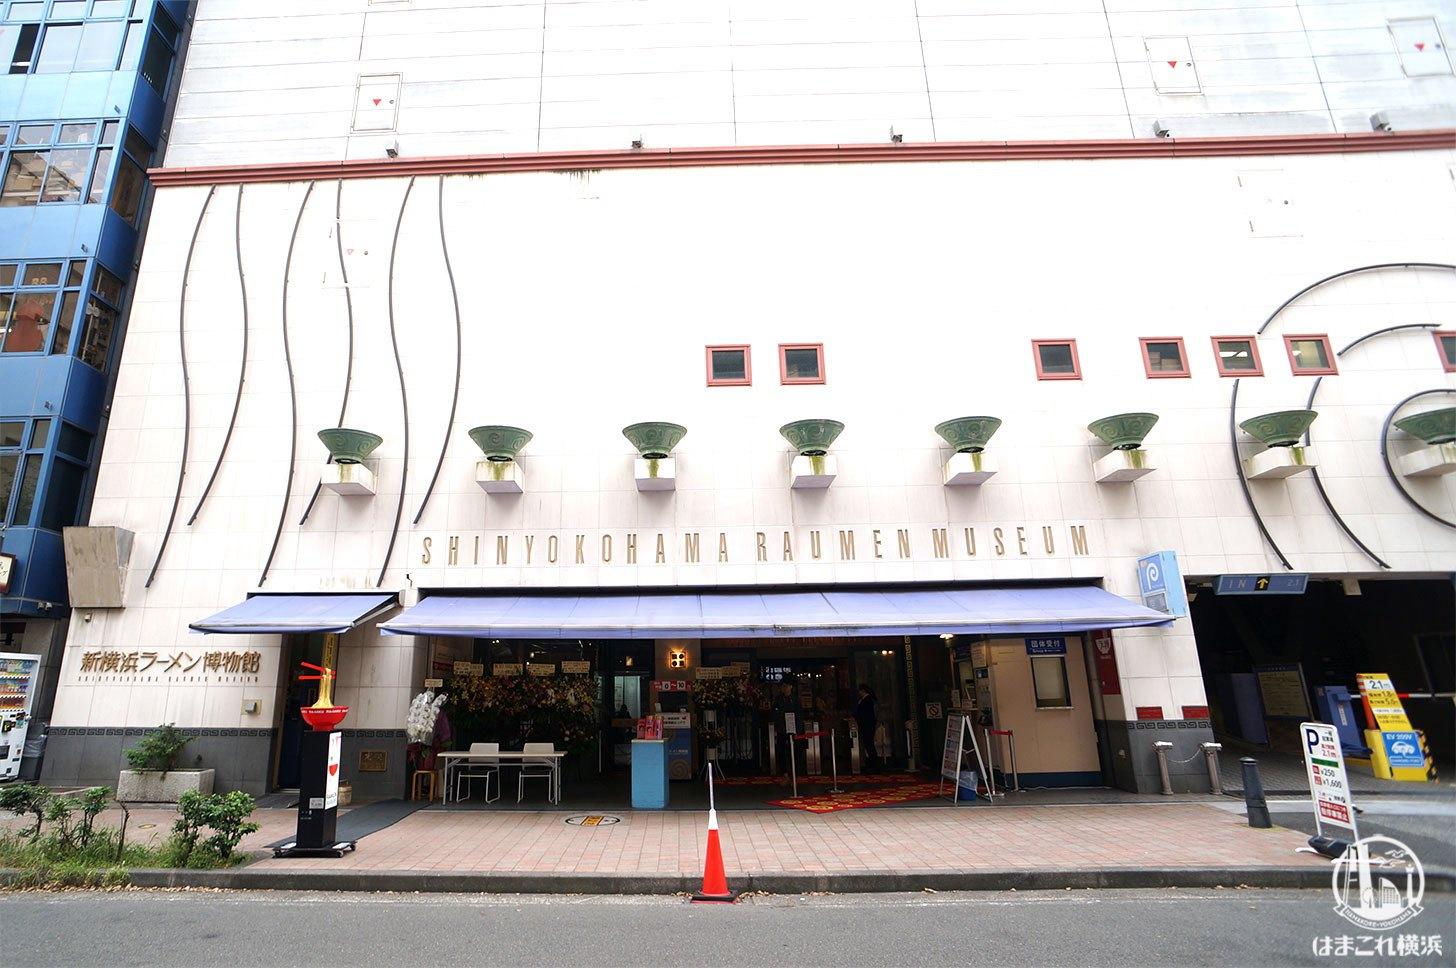 新横浜ラーメン博物館、4月中旬に営業再開予定!